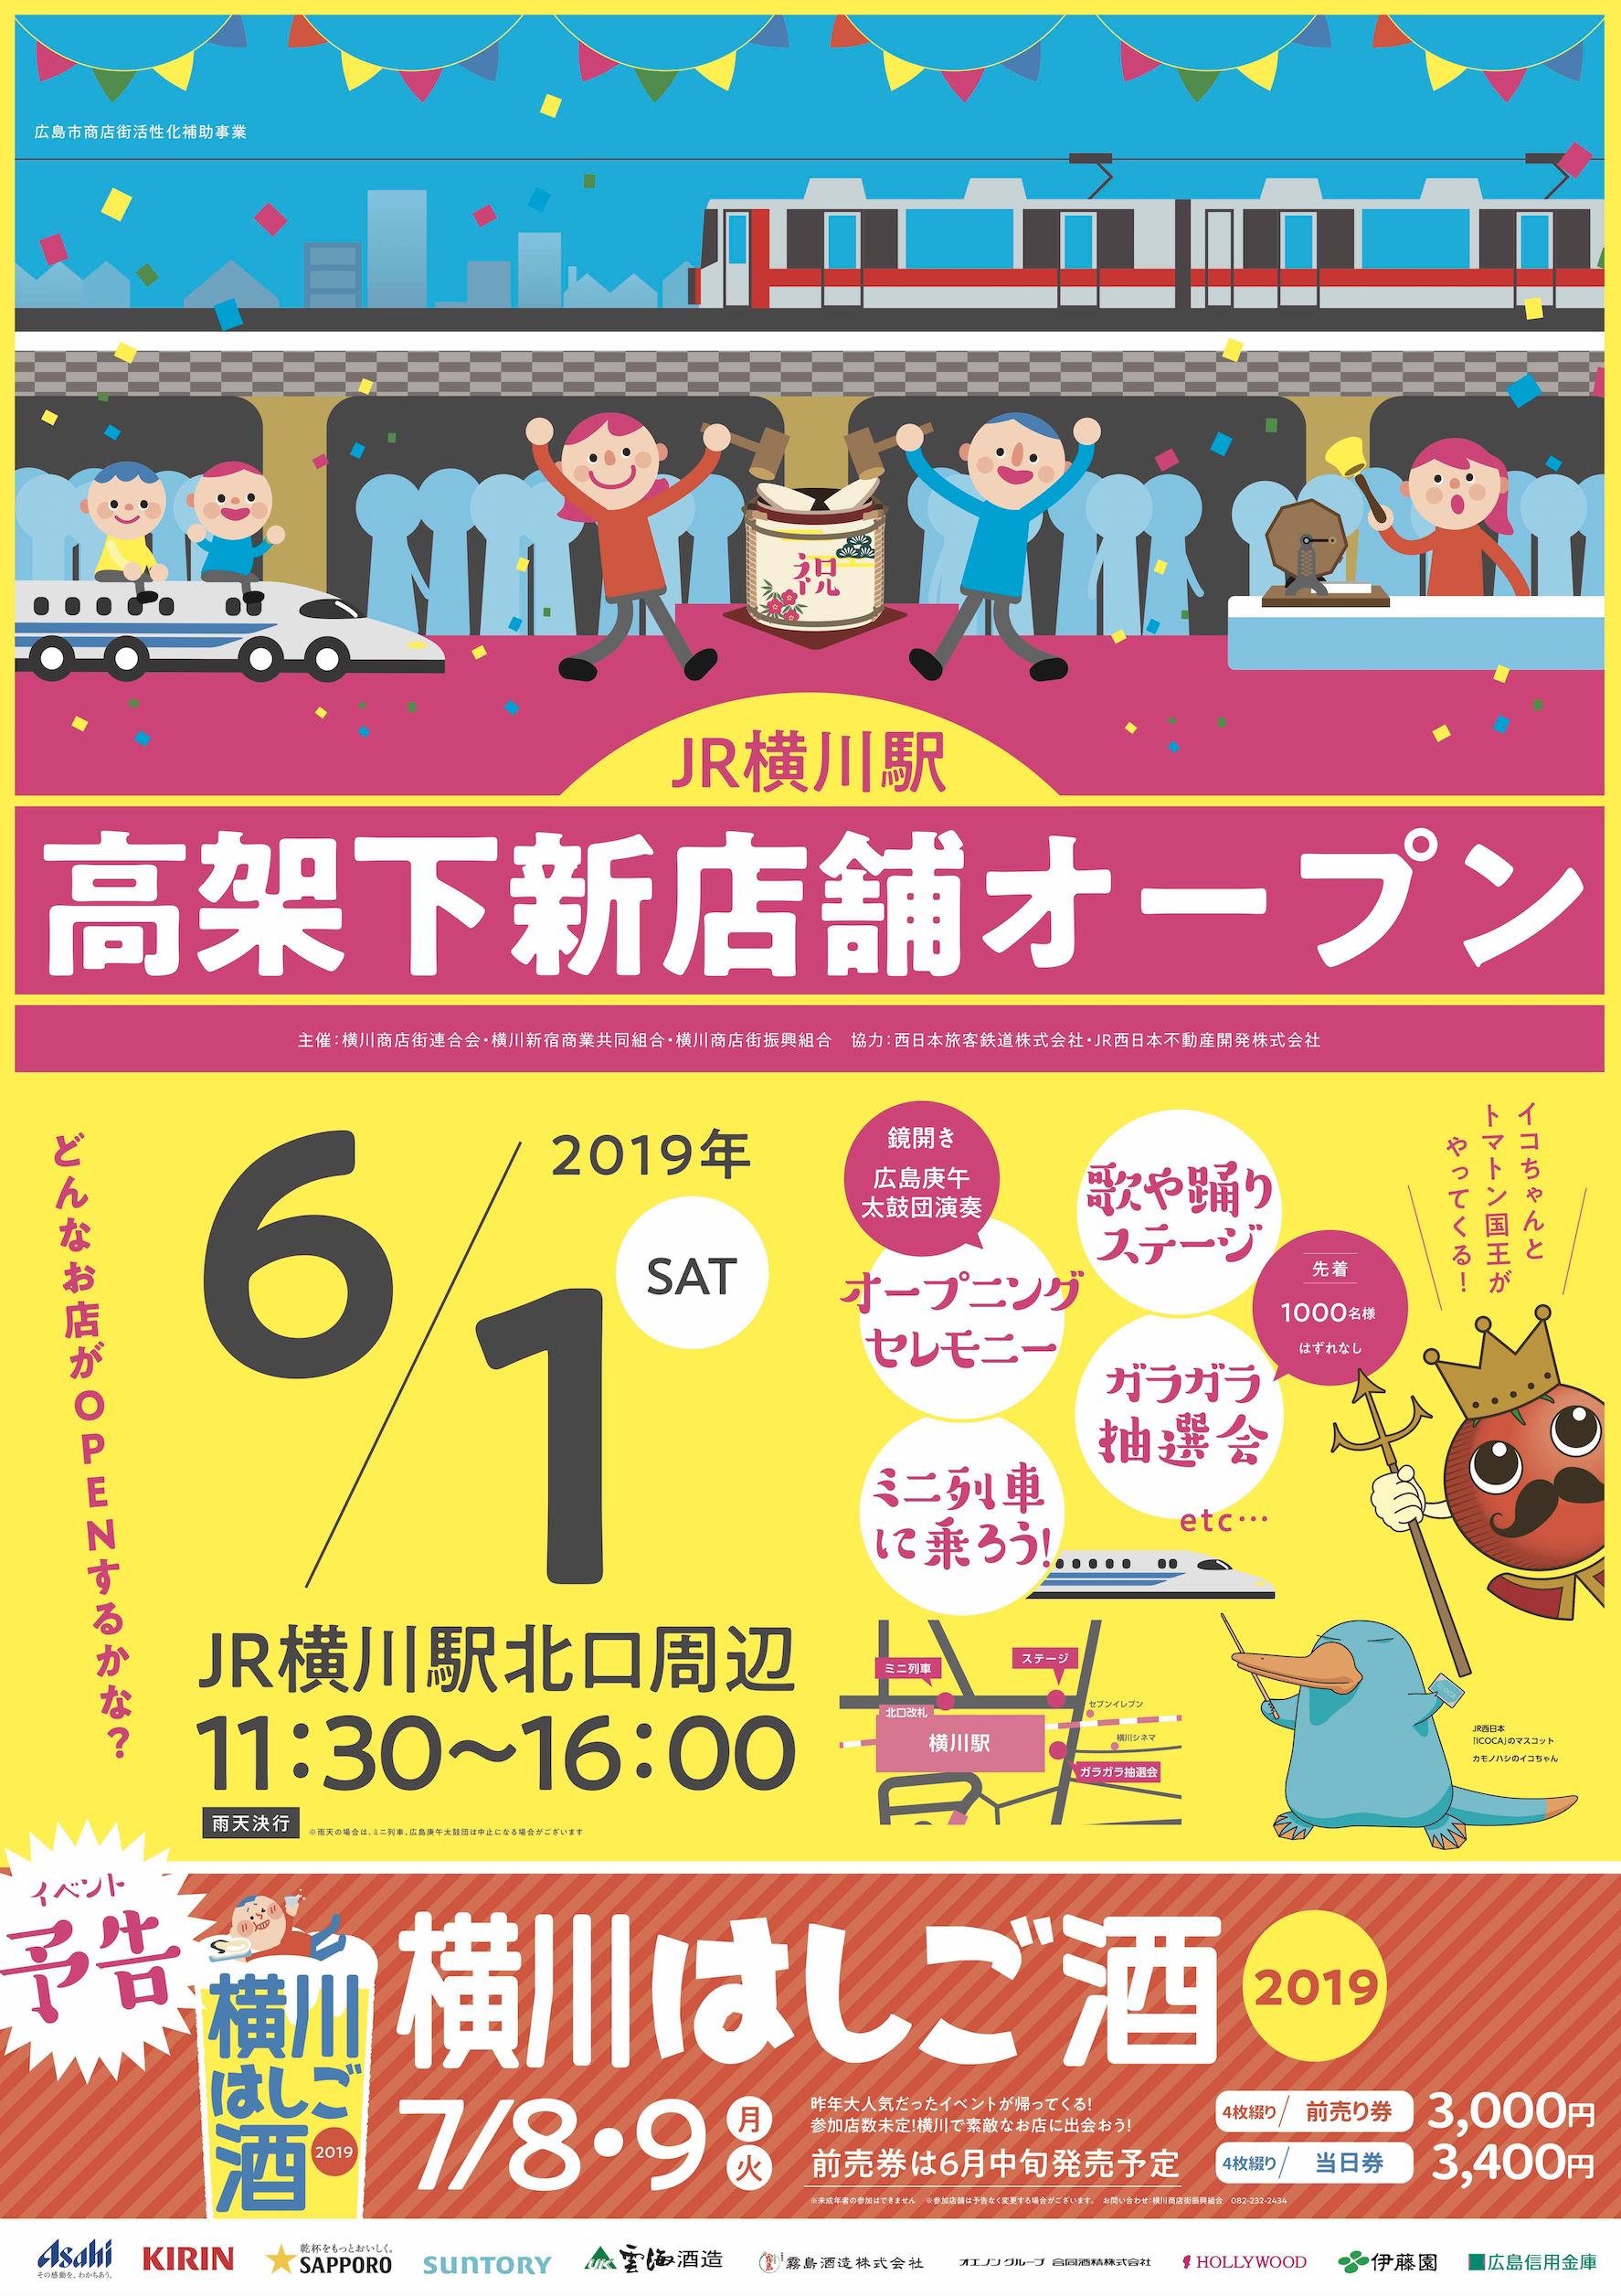 スクリーンショット 2019-05-28 13.33.54